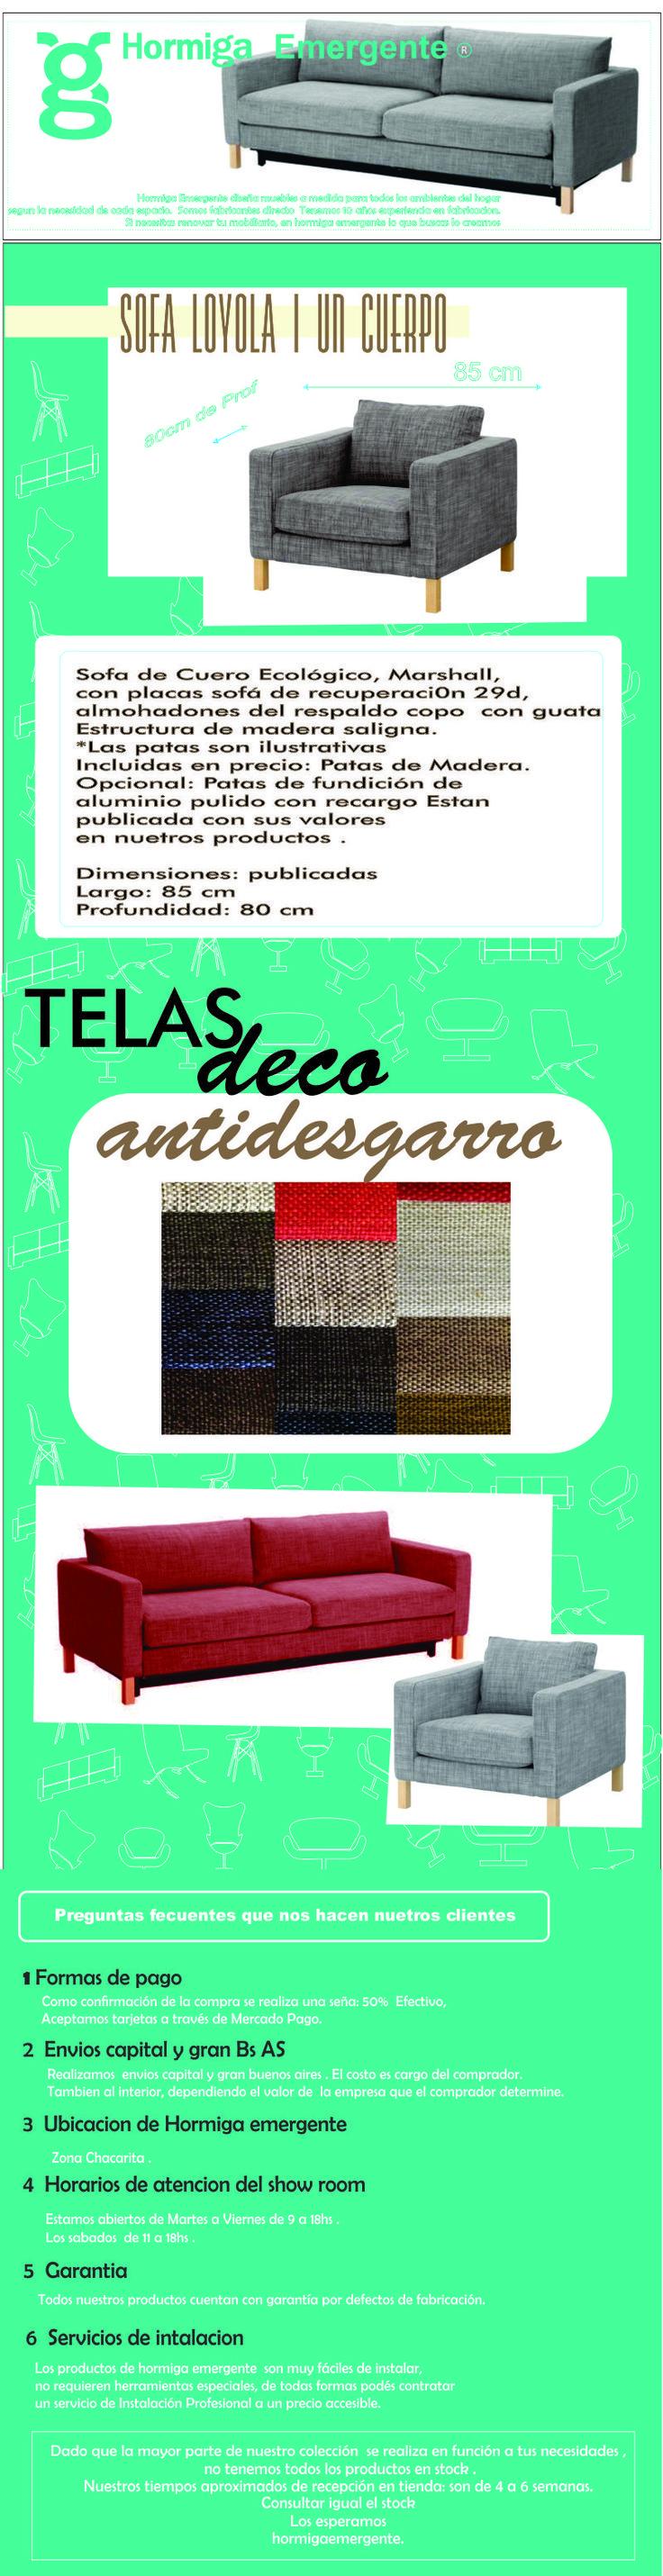 Sillón 1 Cuerpos Tela Antidegarro Placa +2 Almohadones - $ 9.999,99